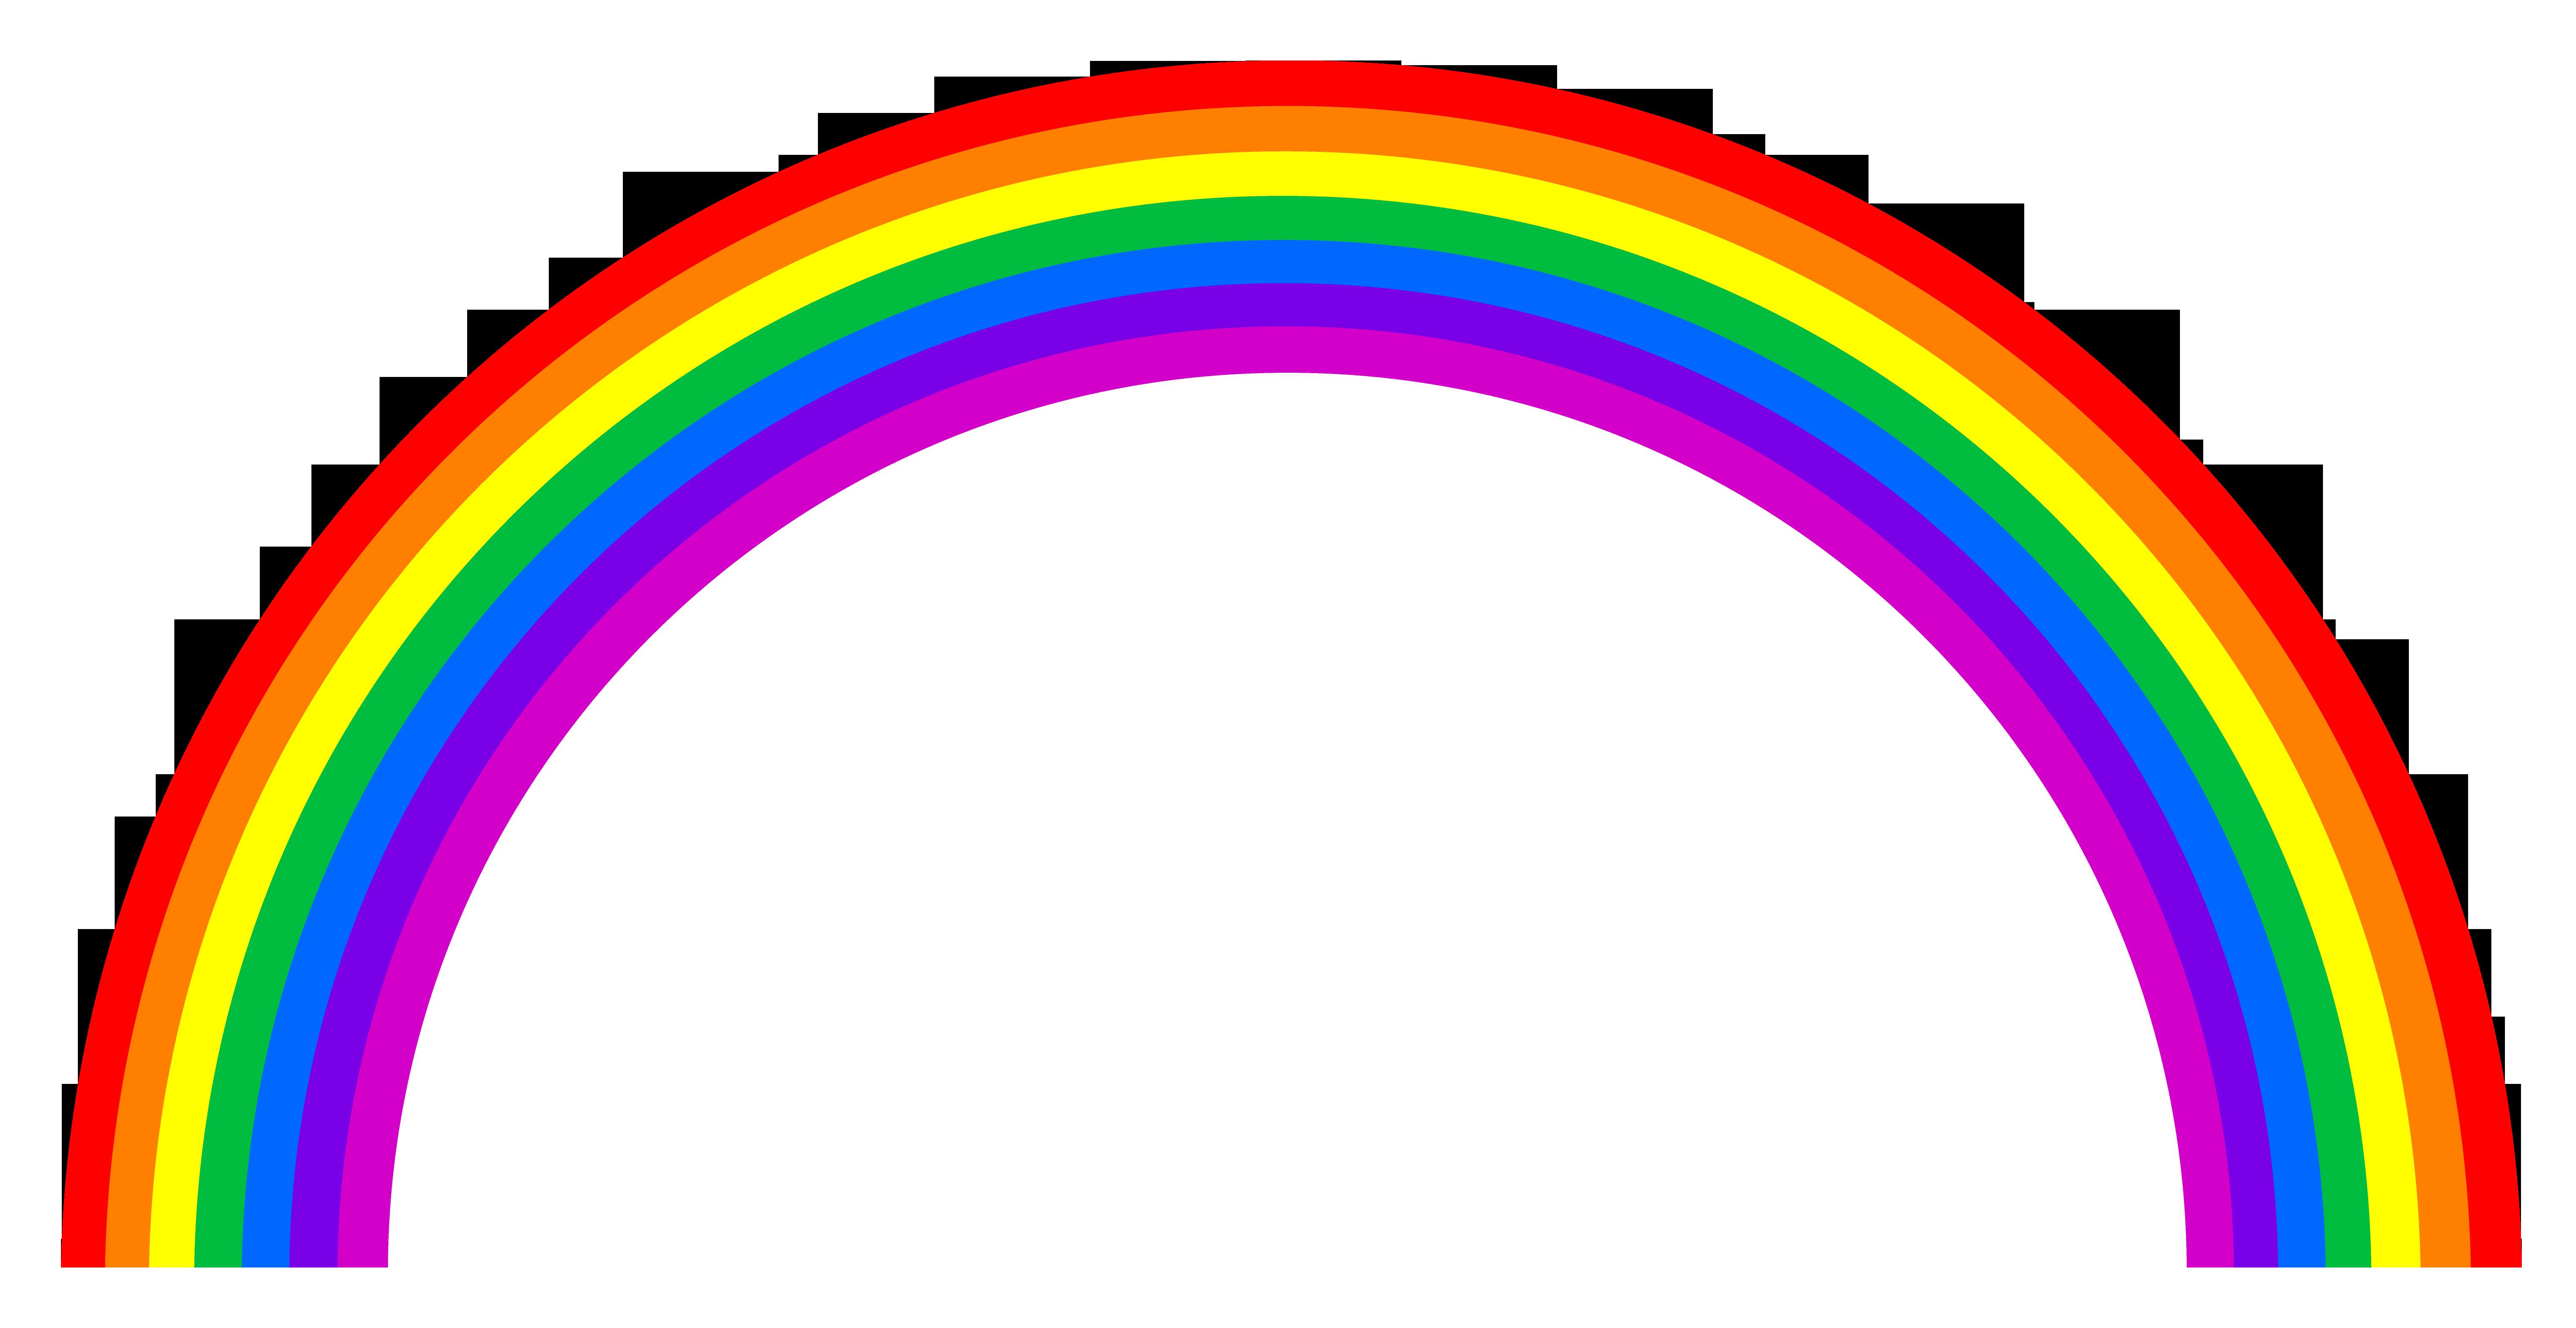 Worm clipart rainbow. Cartoon